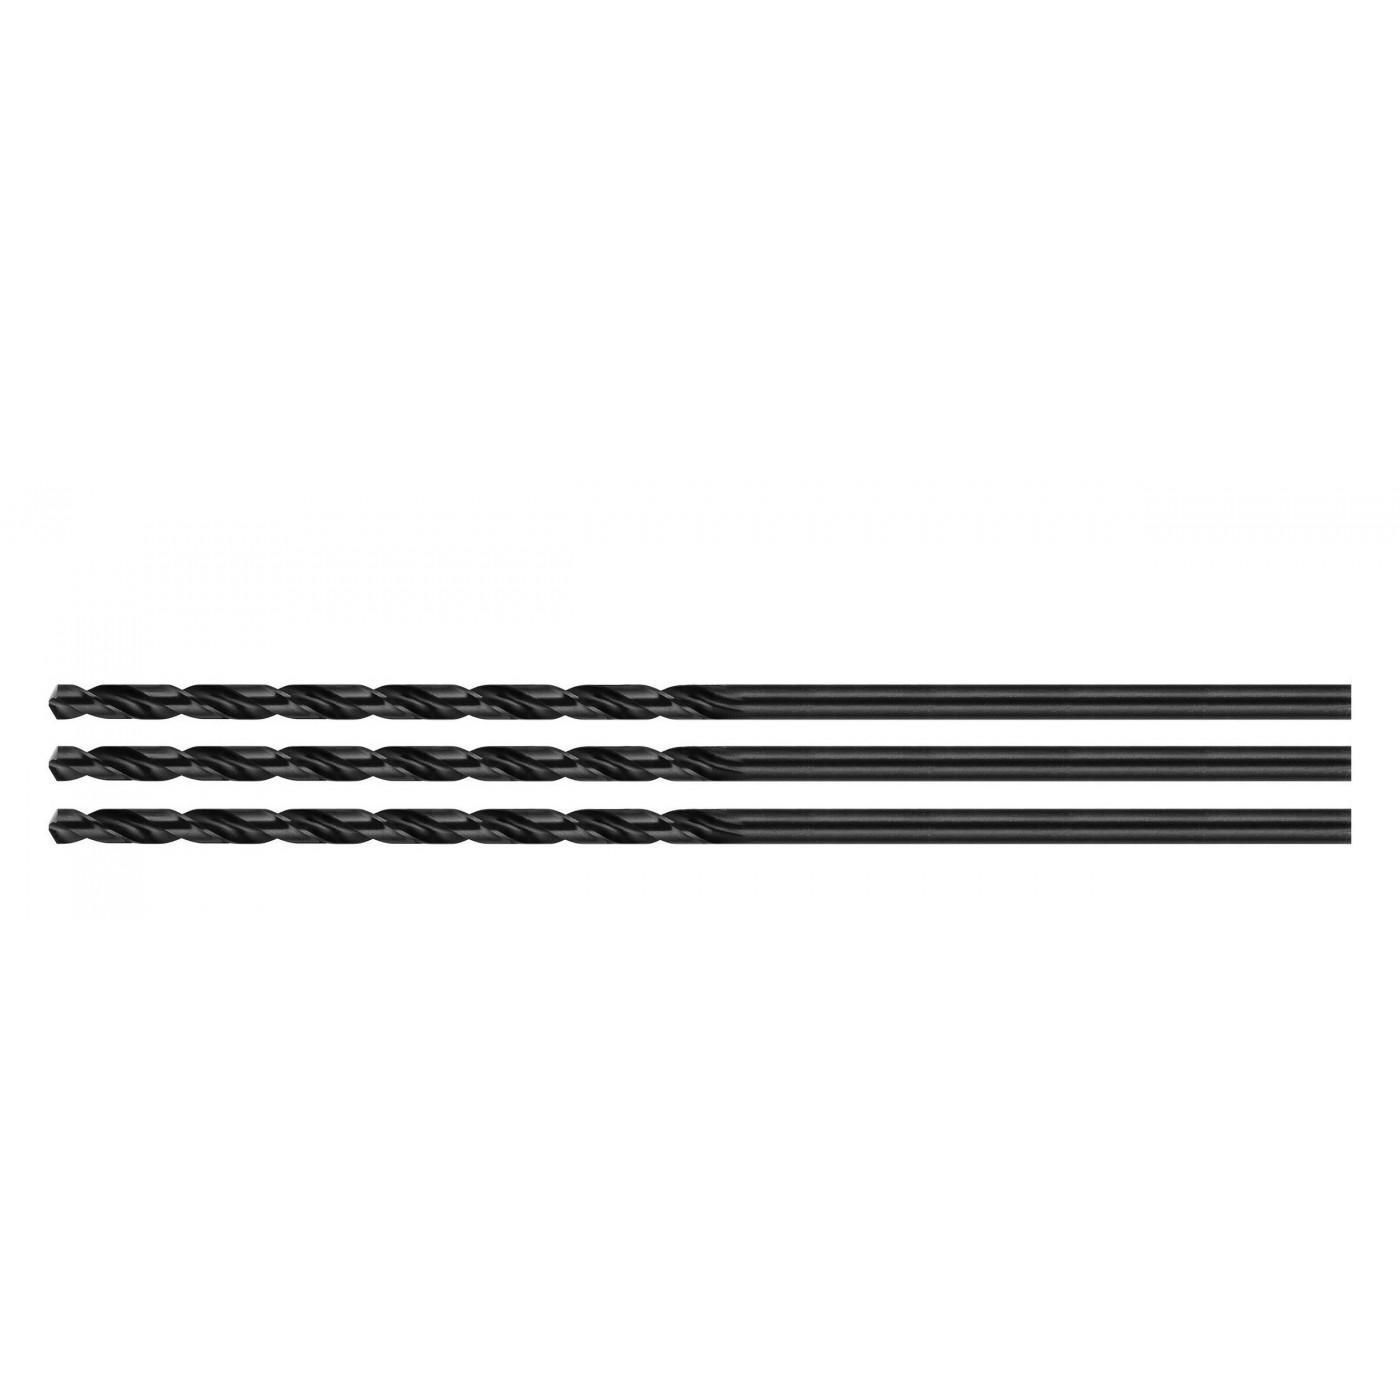 Set van 3 metaalboren, extra lang (5.5x350 mm)  - 1